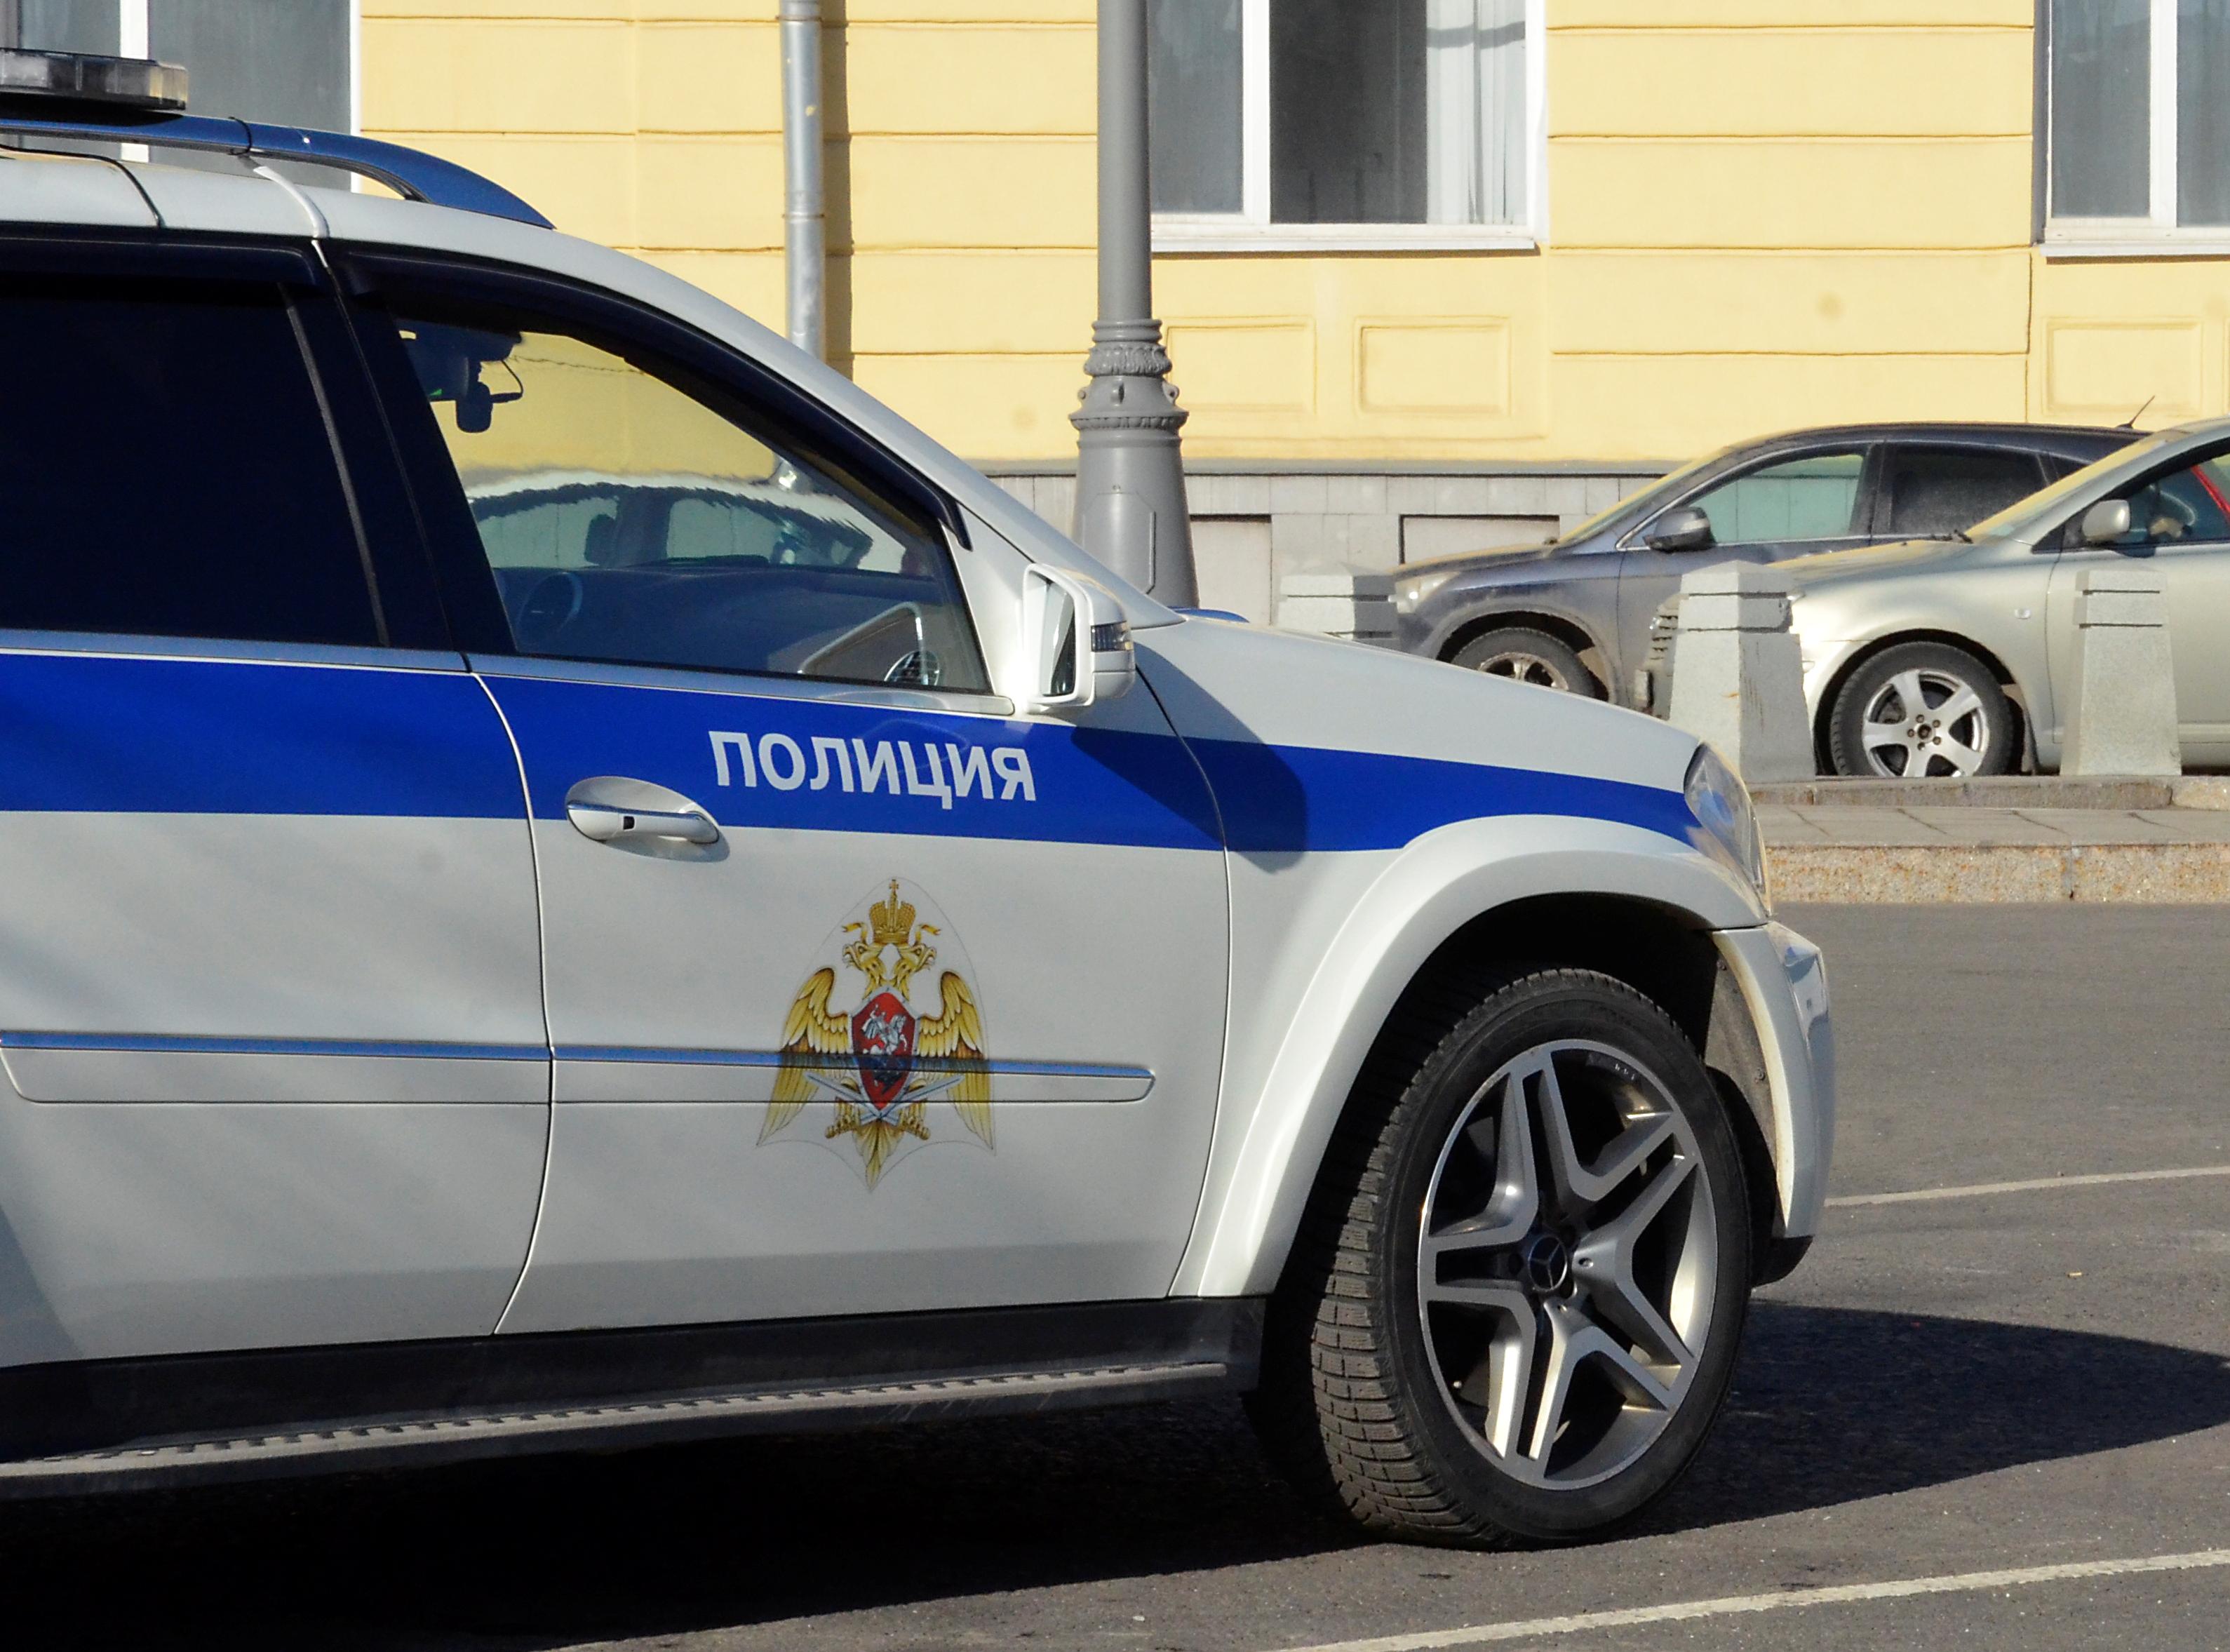 Полицейские Нагорного района Москвы задержали подозреваемую в краже с банковской карты